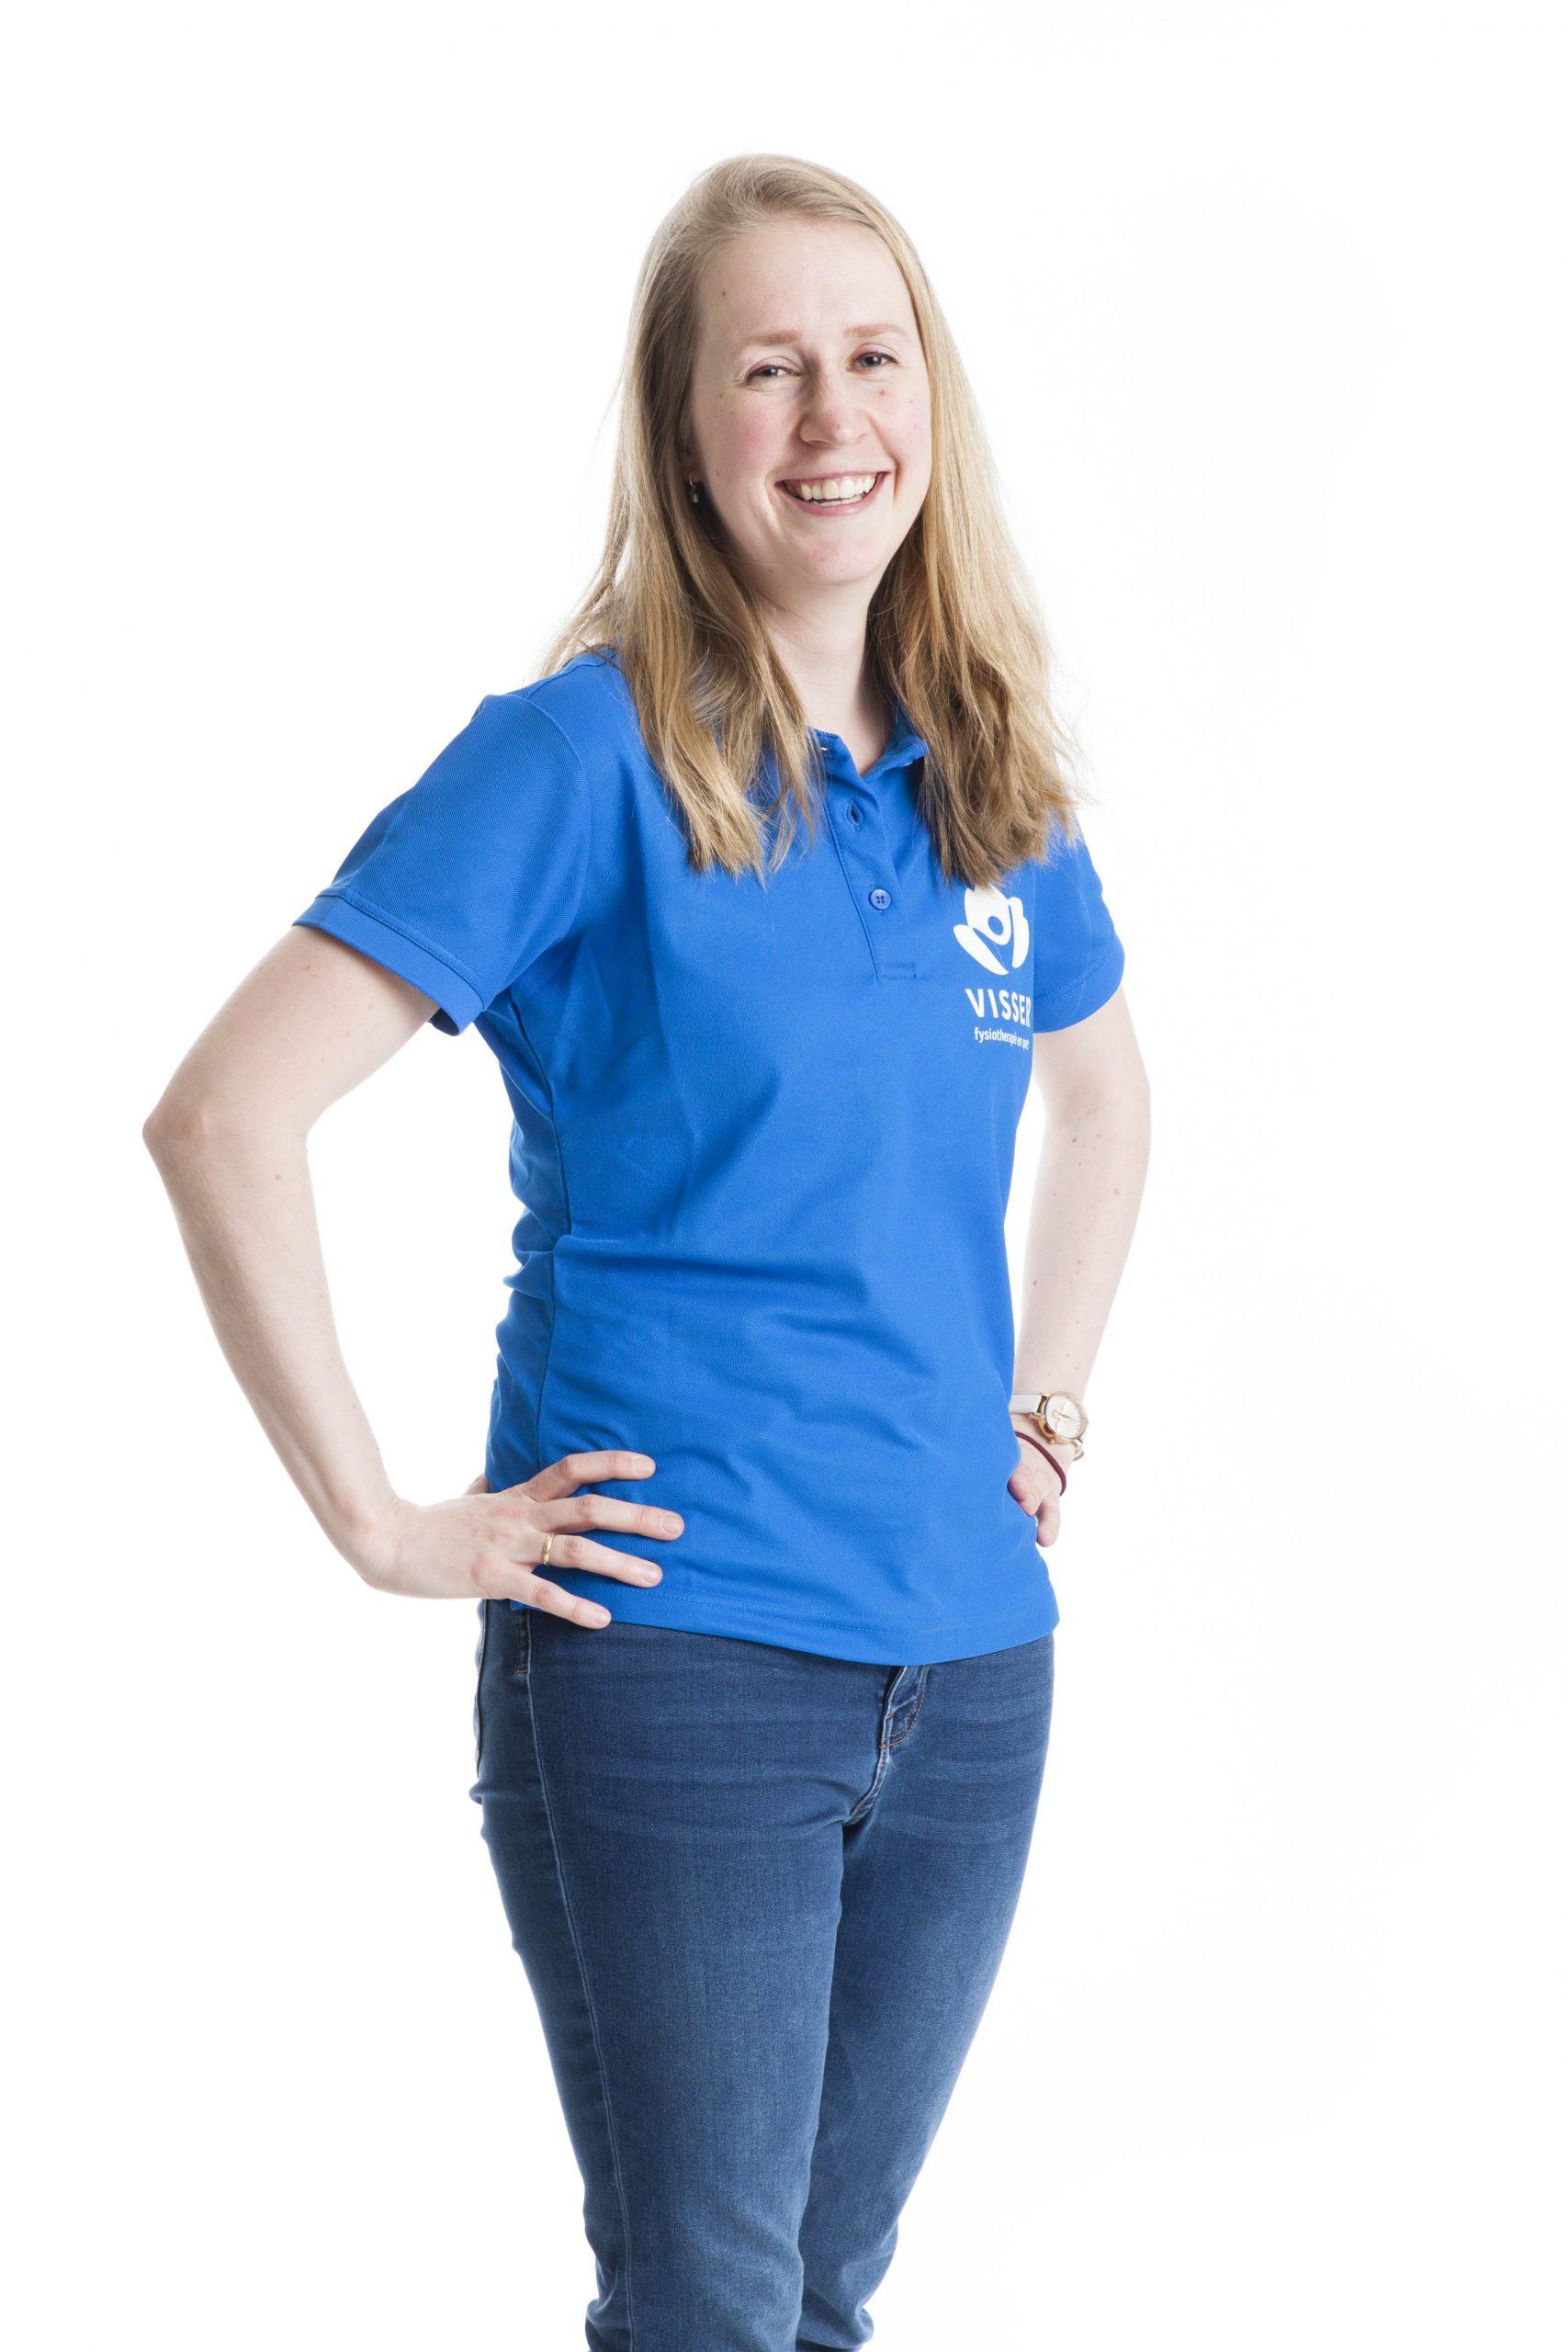 Team – Marcella van der Poel